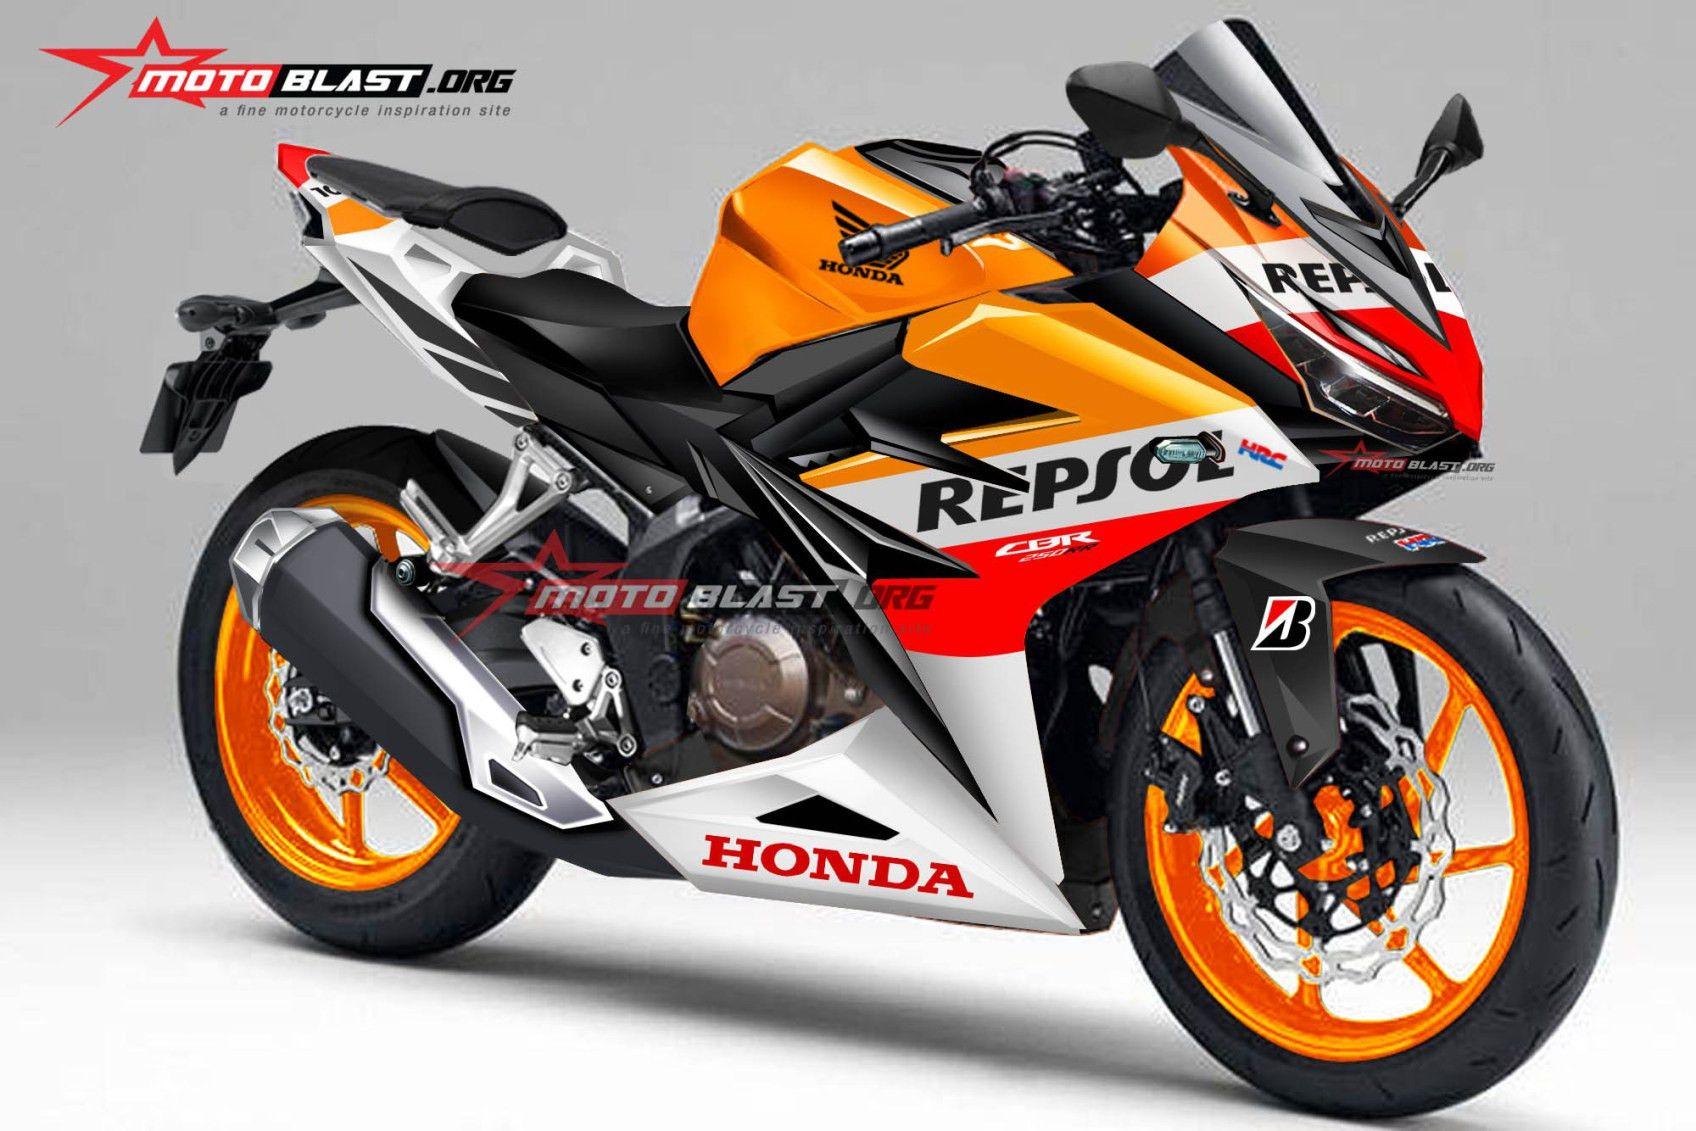 Modifikasi Motor Cbr Quick The Post Modifikasi Motor Cbr Quick Appeared First On Tj Modif Di 2020 Honda Pembalap Motor Honda